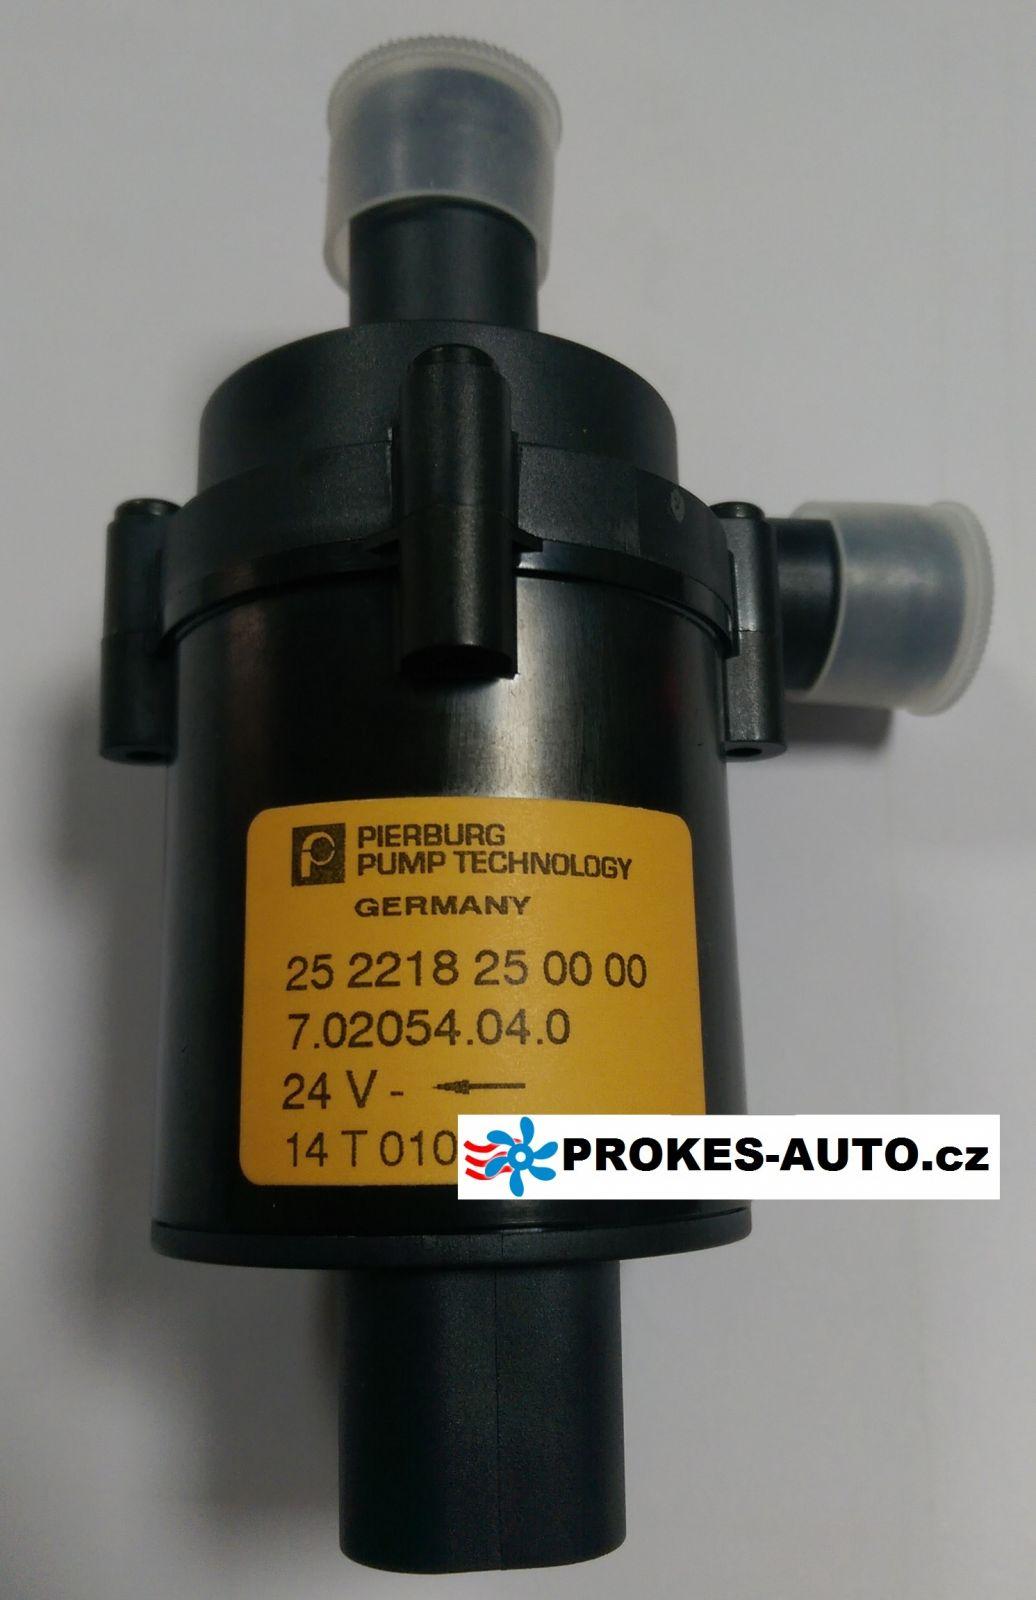 Vodné čerpadlo Flowtronic 800 S 24V 252218250000 / 7.02054.04.0 Eberspächer